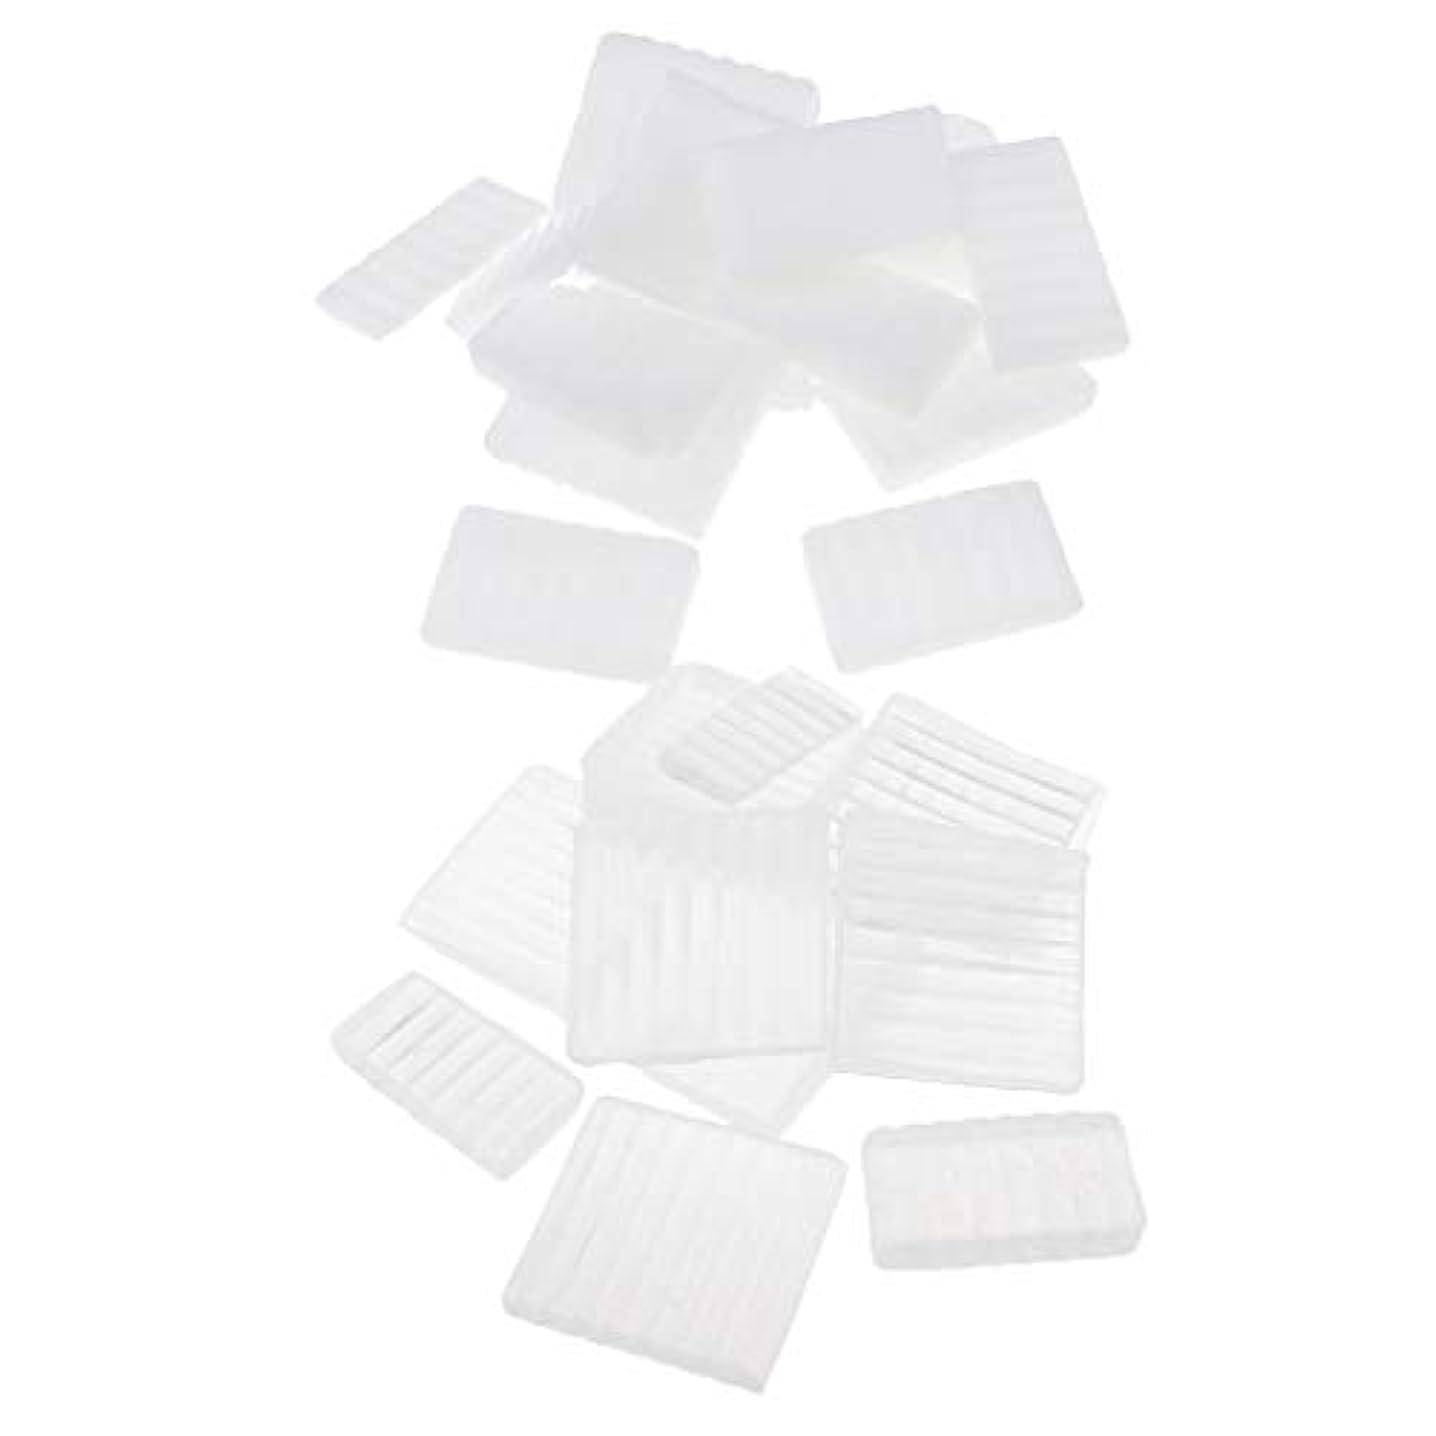 憤る才能のある味わうdailymall 石鹸ベース ソープメイキング素材 ソープ グリセリンソープ ハンドメイド 石鹸材料